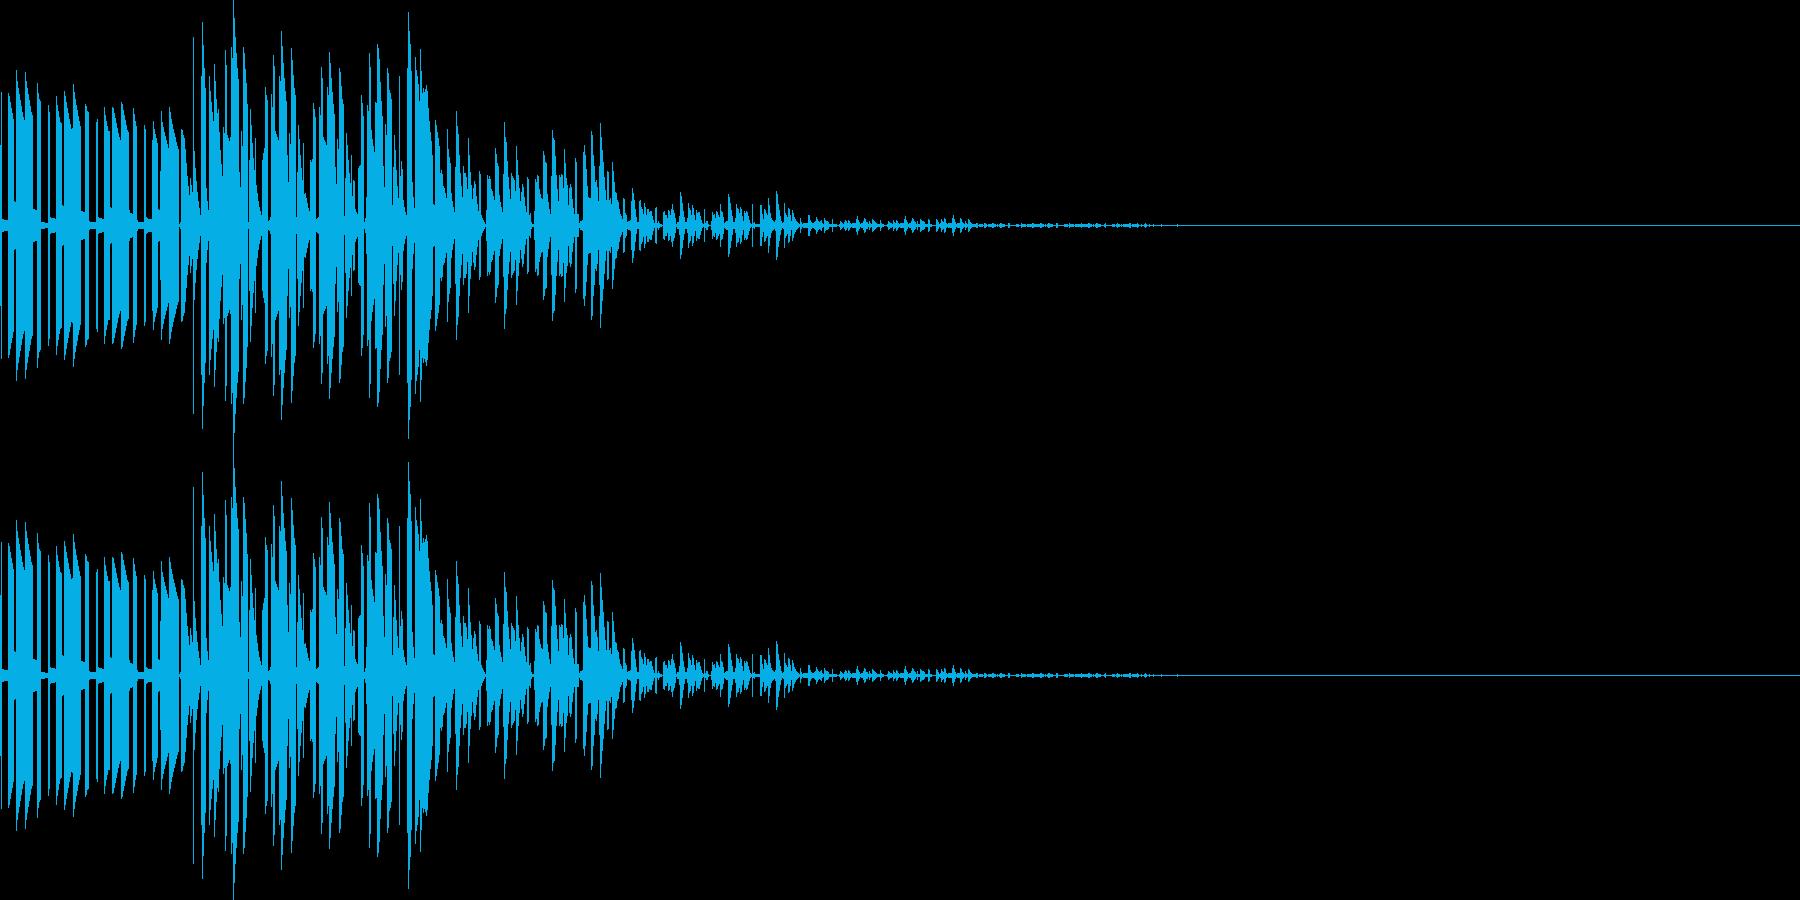 ブブン(キャンセル、電子モニタ表示)の再生済みの波形